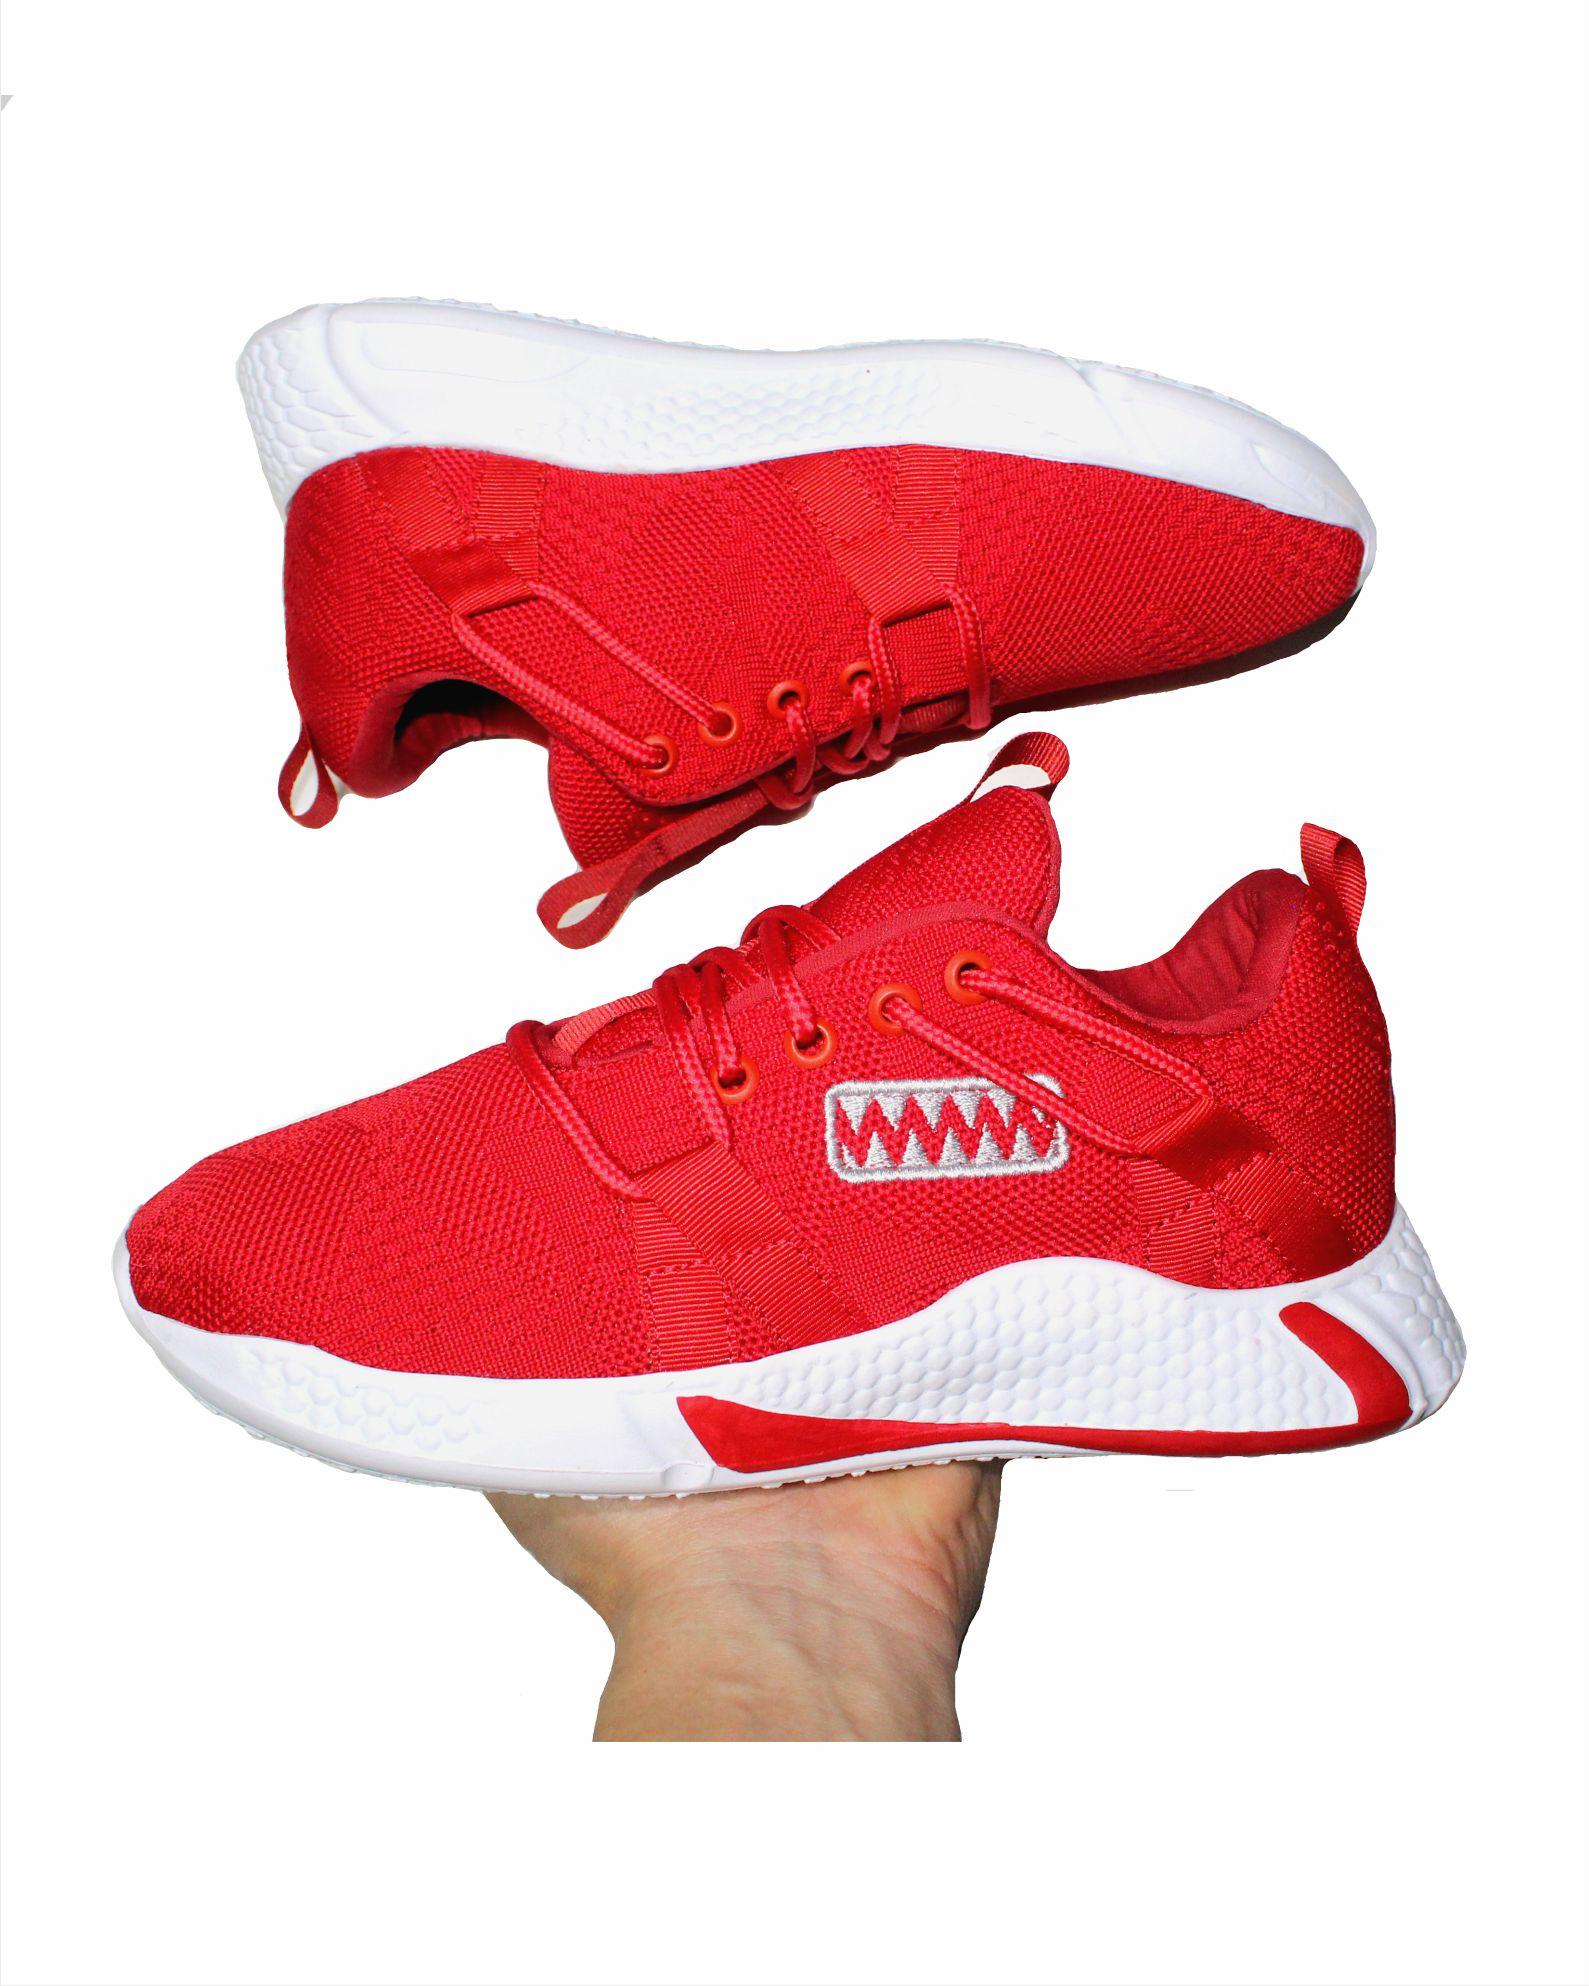 REF 1739 1 tenis red depor john alco, material lona, suela goma sintetica blanca con negro talla 37 38 39 40 41 42 43 $85.000